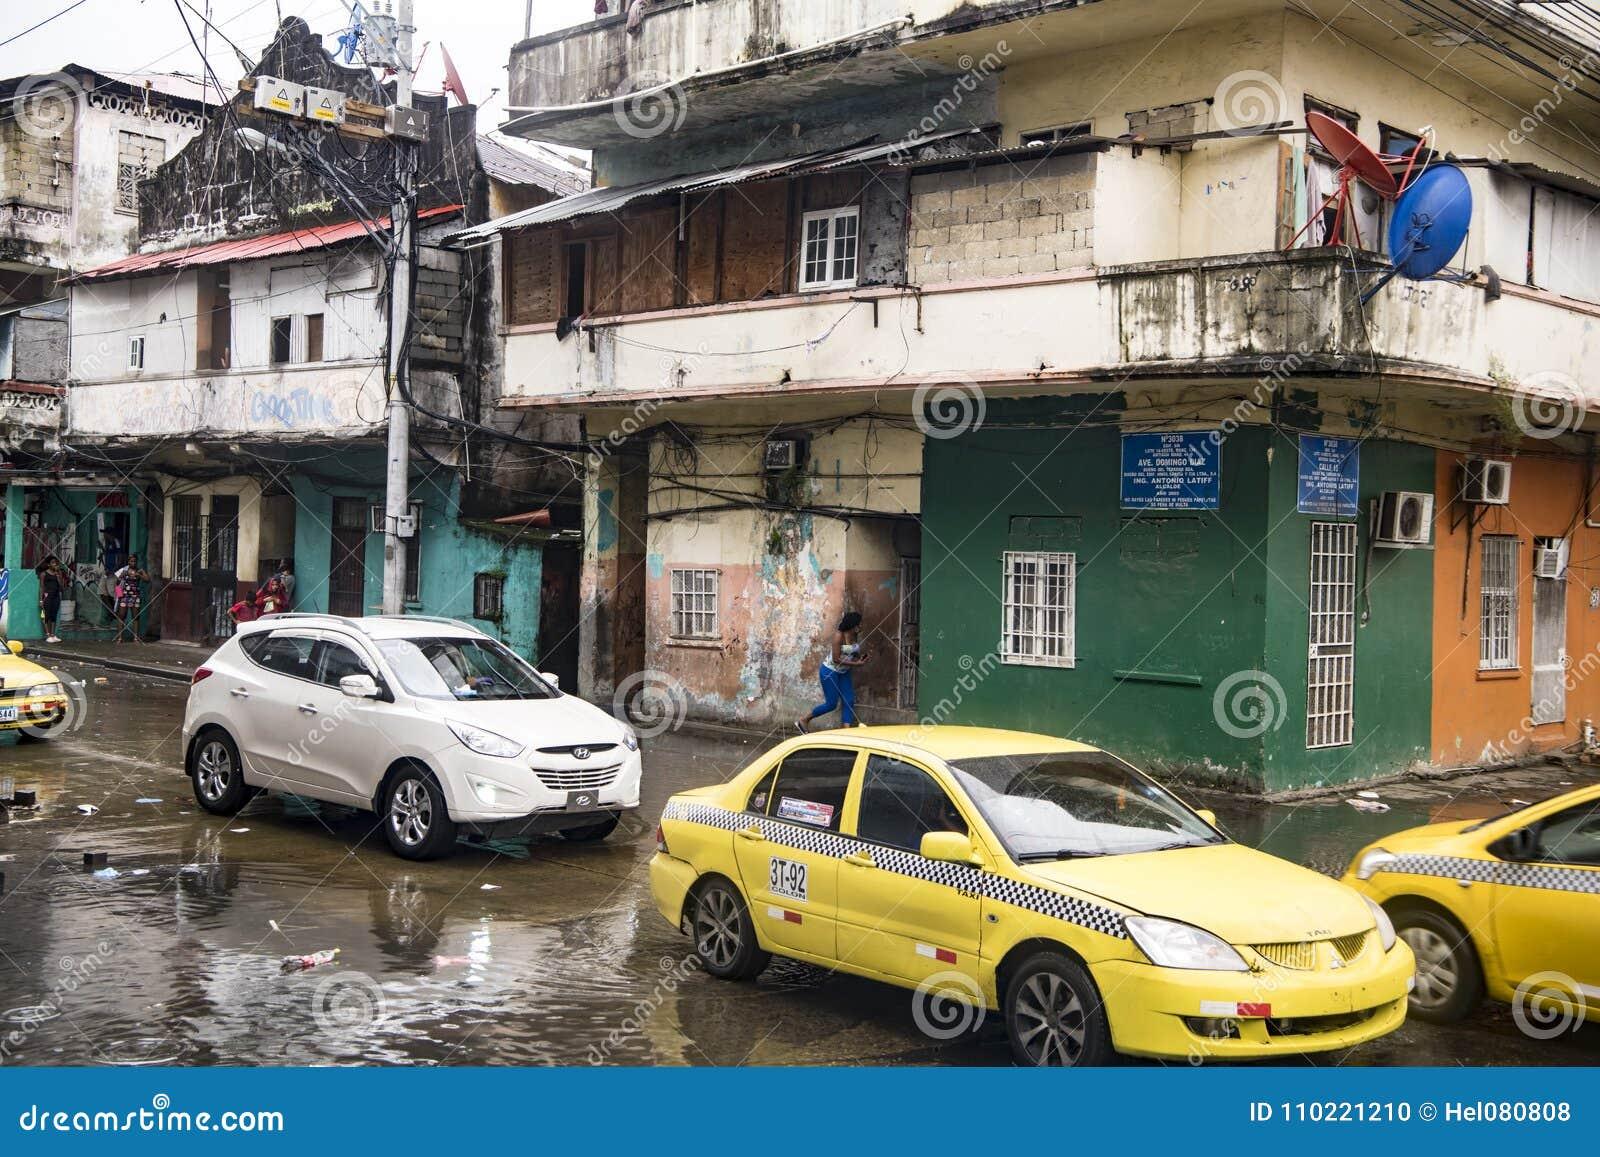 Vie giornalmente sommerse dopo pioggia tropicale nei due punti Panama